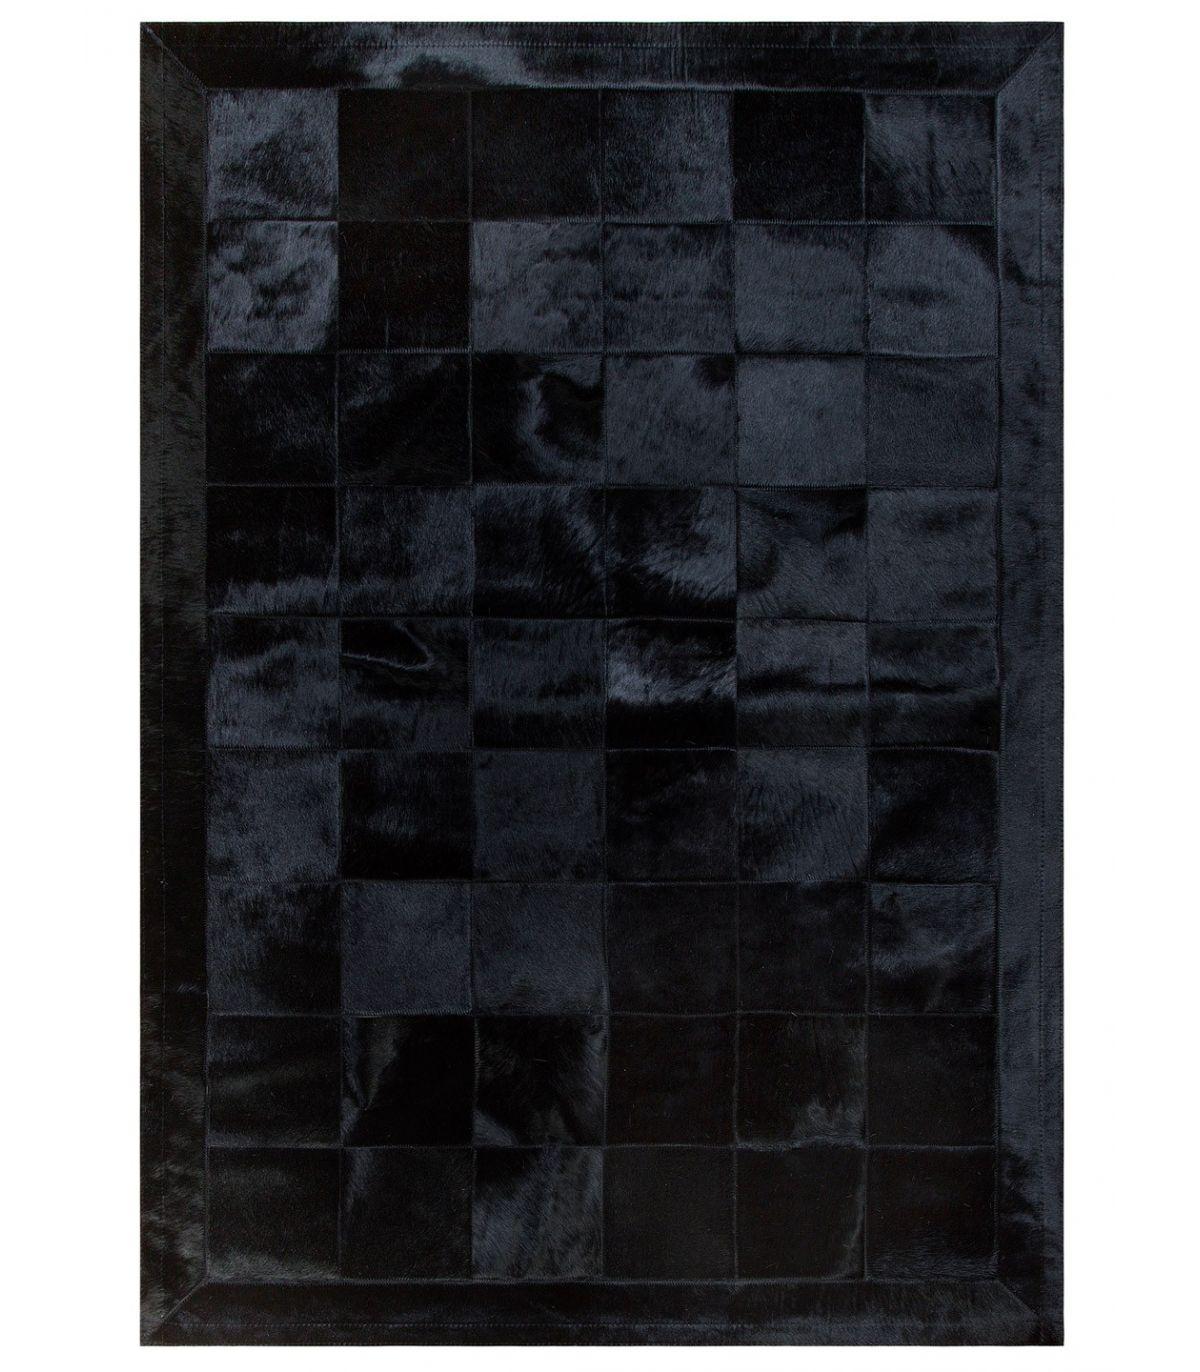 Alfombra de piel de color negro a medida cuadros de 10x10 - Cuadros a medida ...